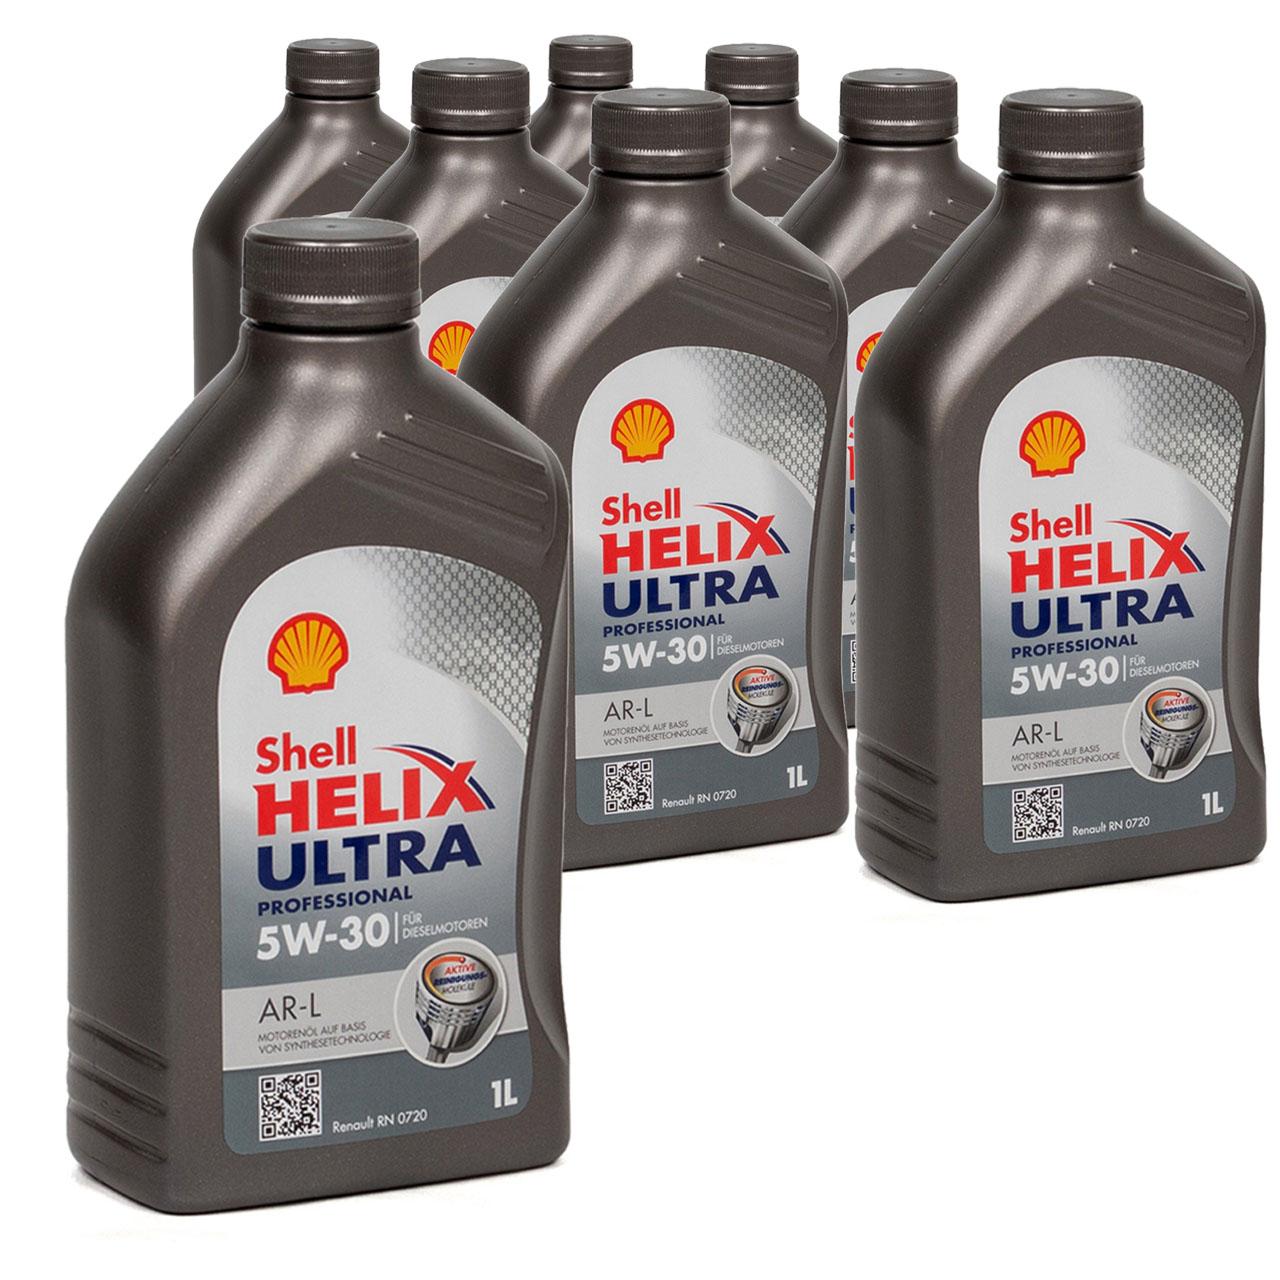 SHELL Motoröl Öl HELIX ULTRA Professional AR-L 5W30 Renault RN0720 - 8L 8 Liter